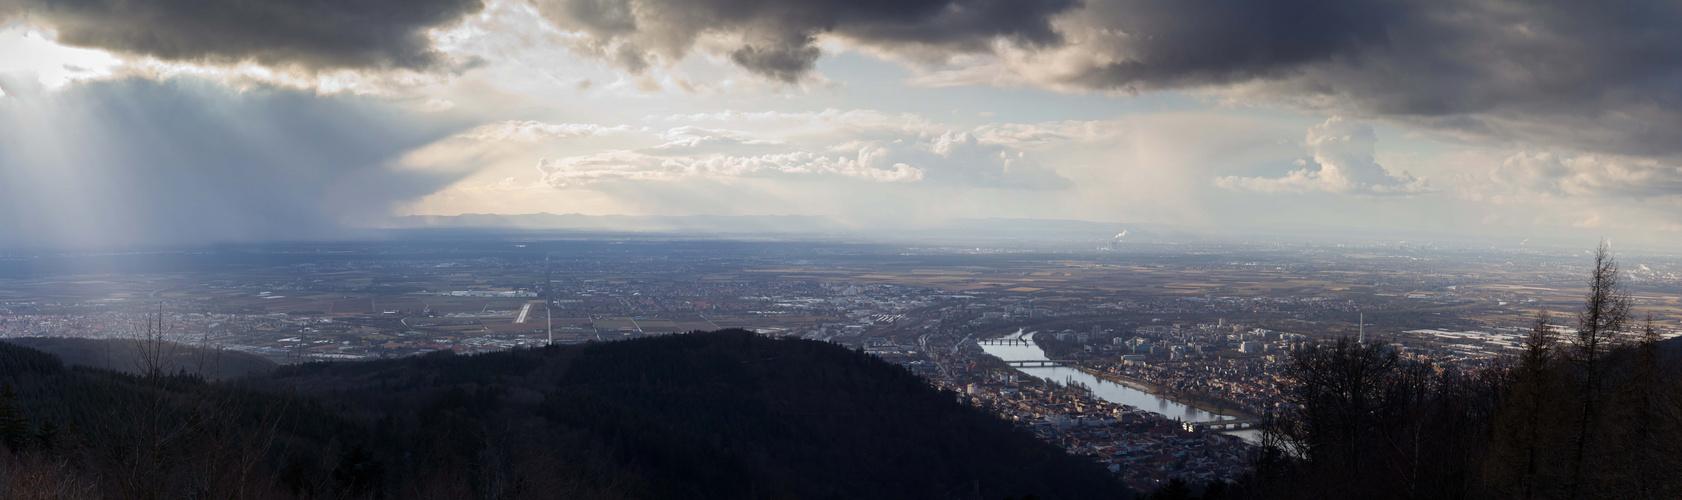 Heidelberg Wetter